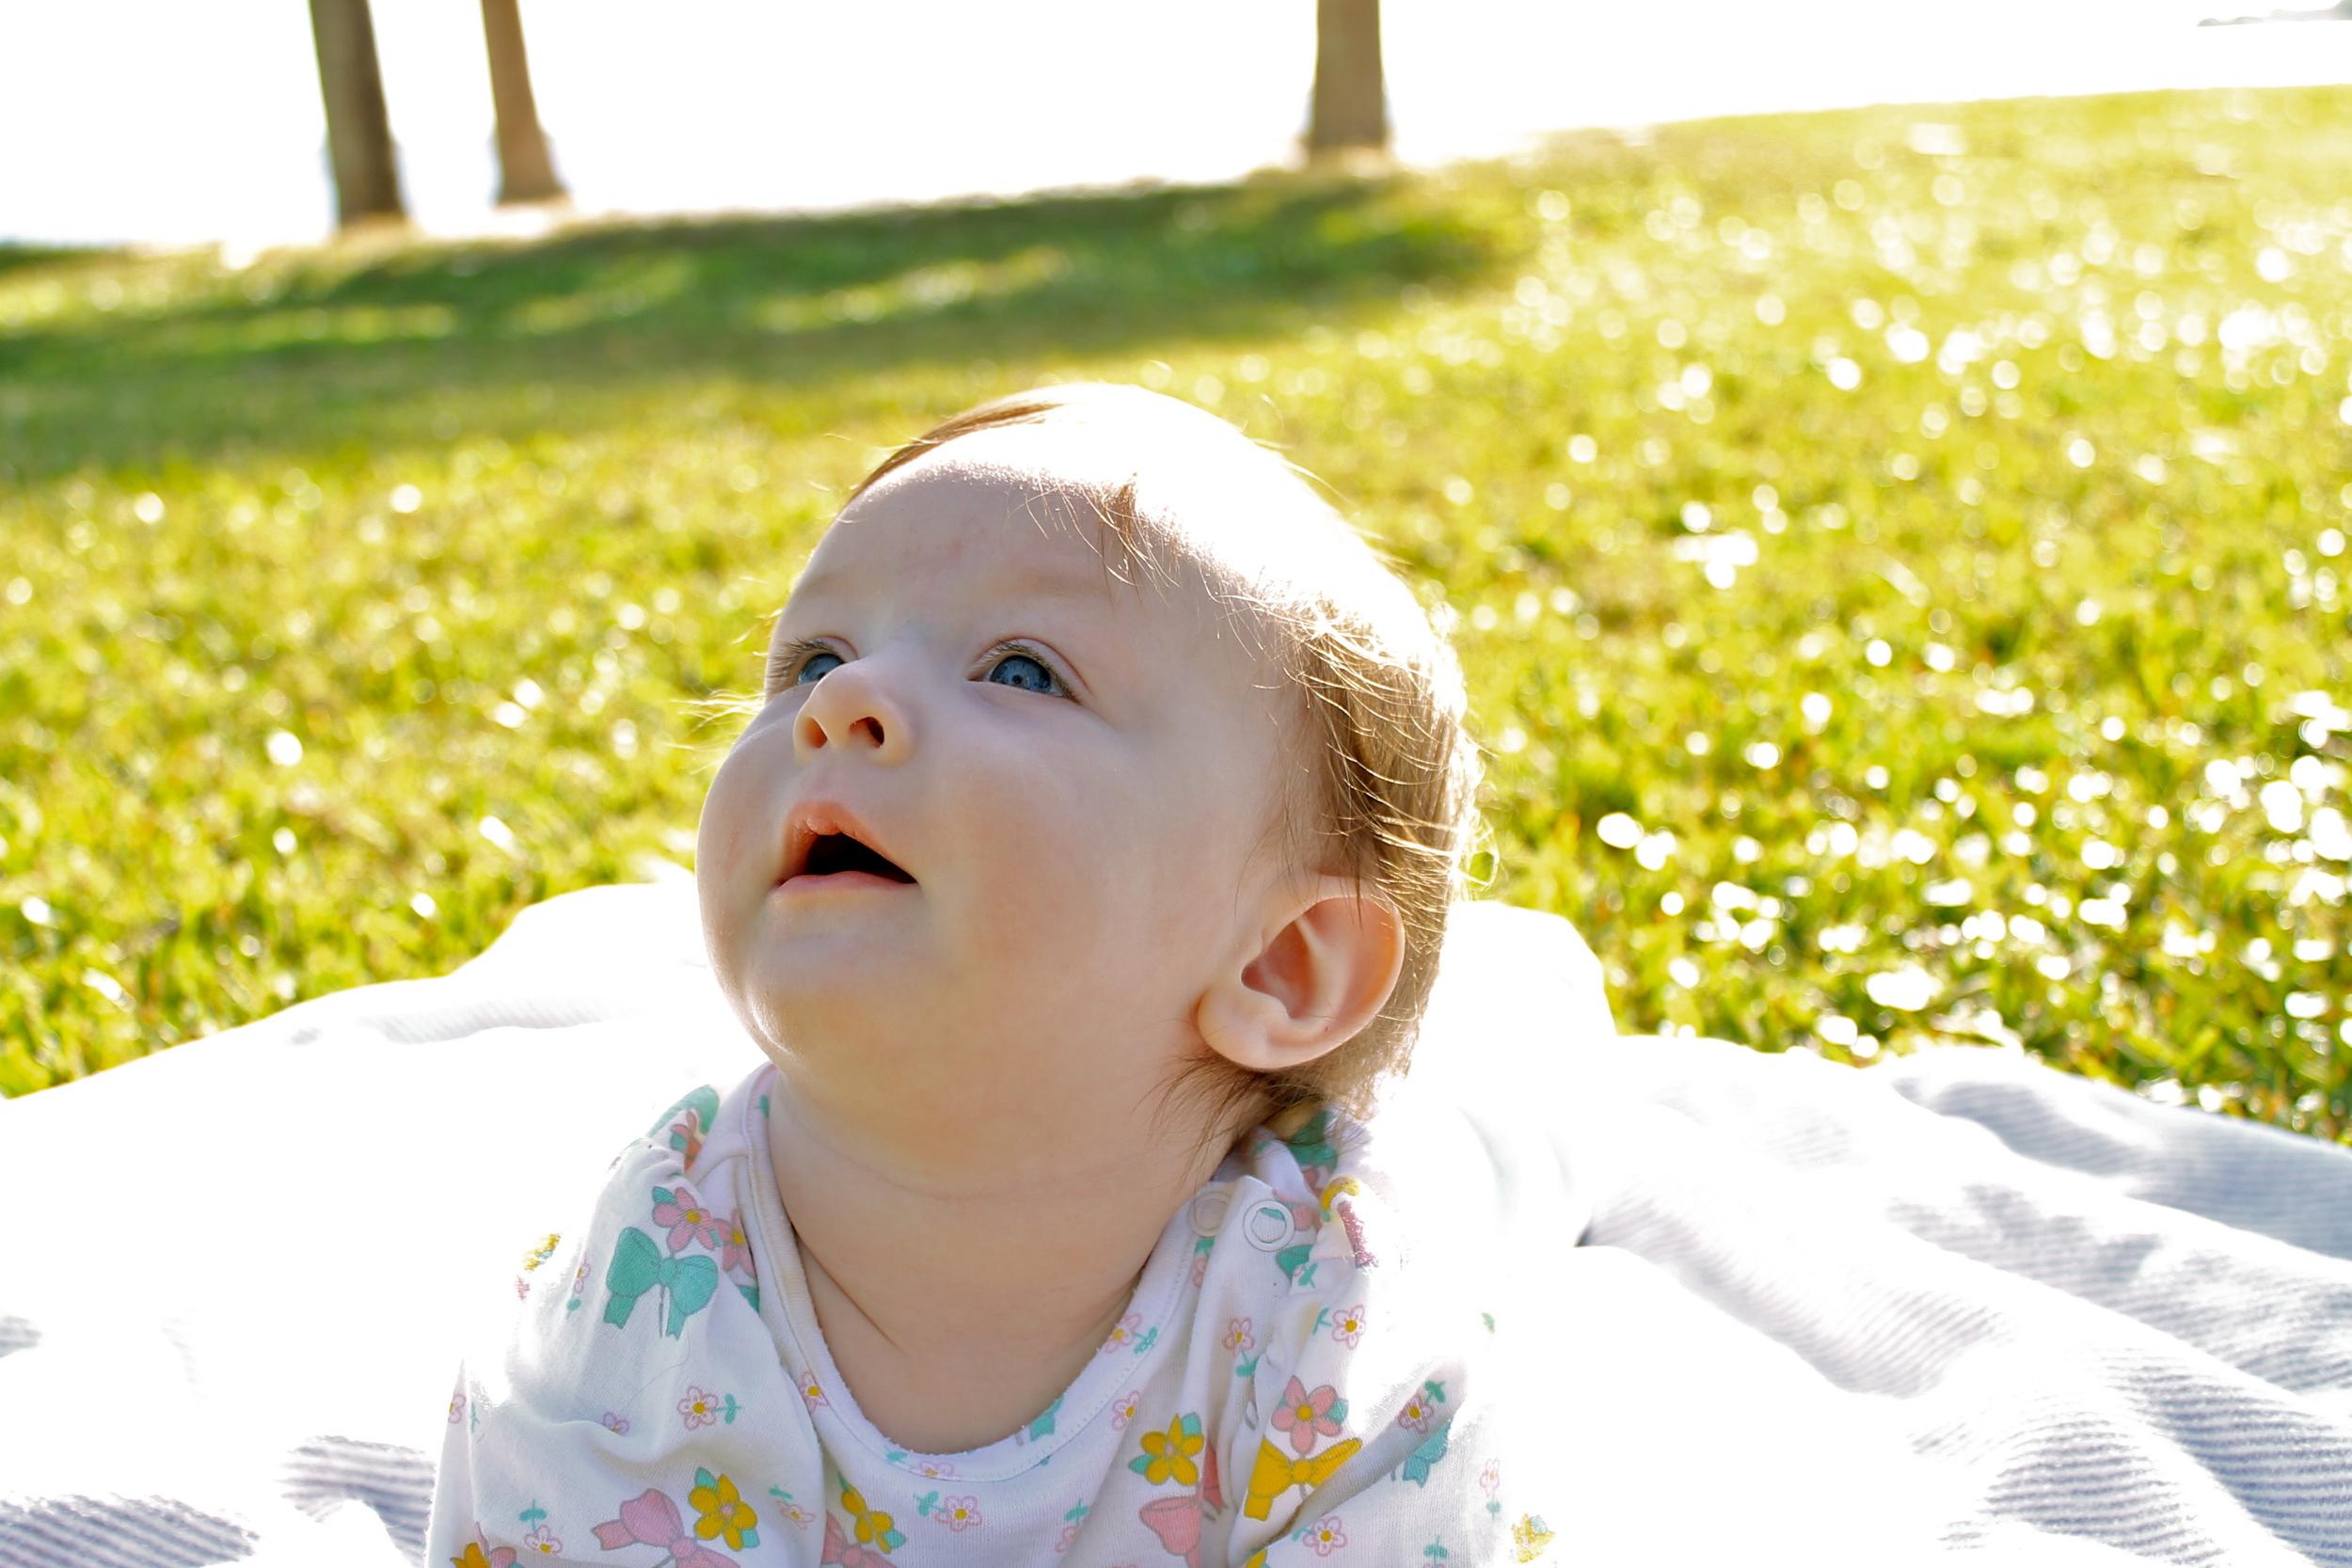 baby-wide-eyed-wonder